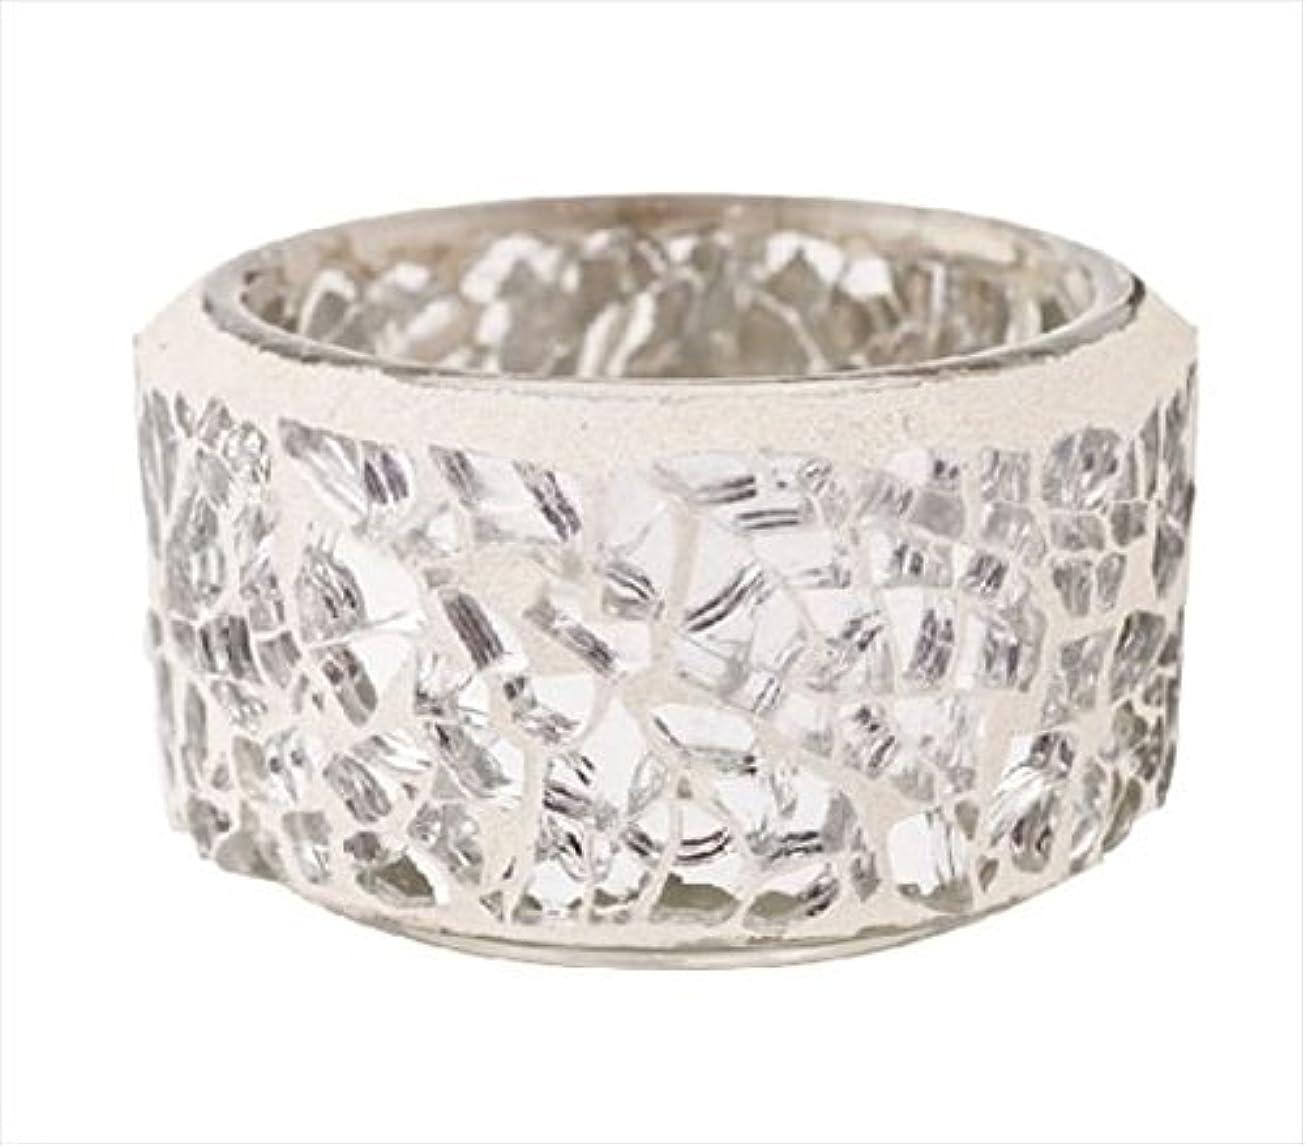 着る癌さておきkameyama candle(カメヤマキャンドル) ダイヤモンドクラック(J5530000)